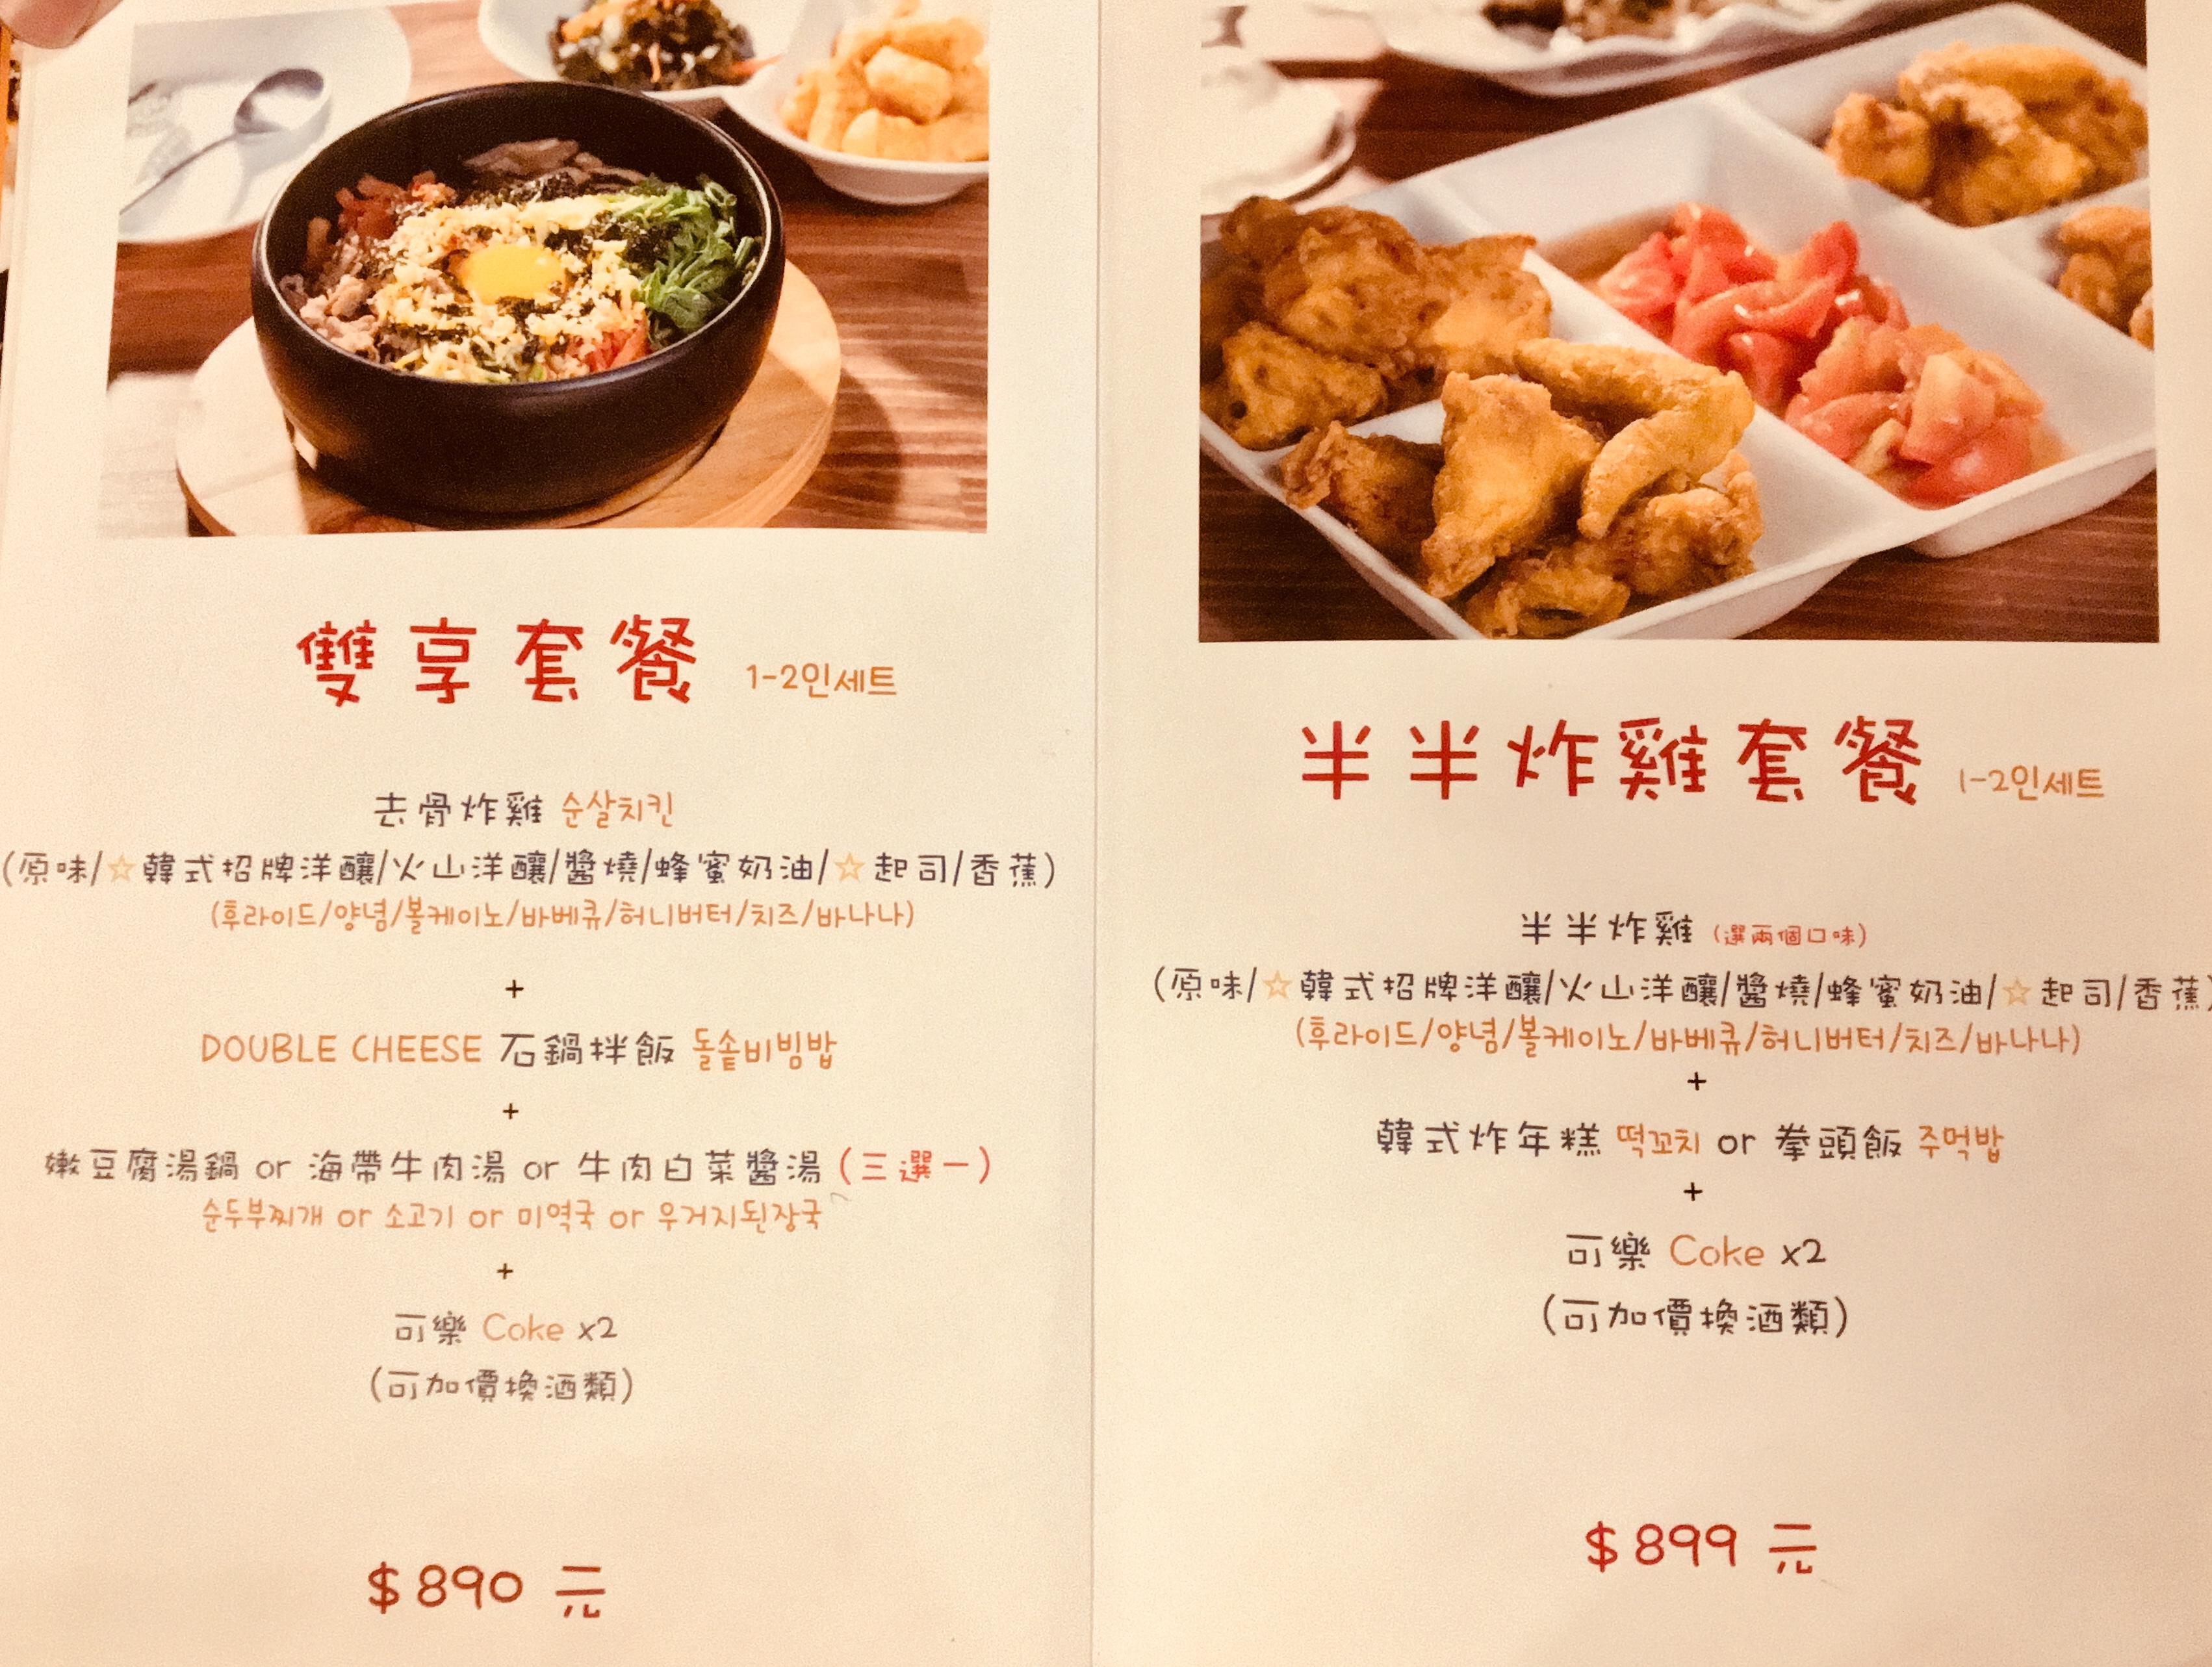 中山韓式炸雞